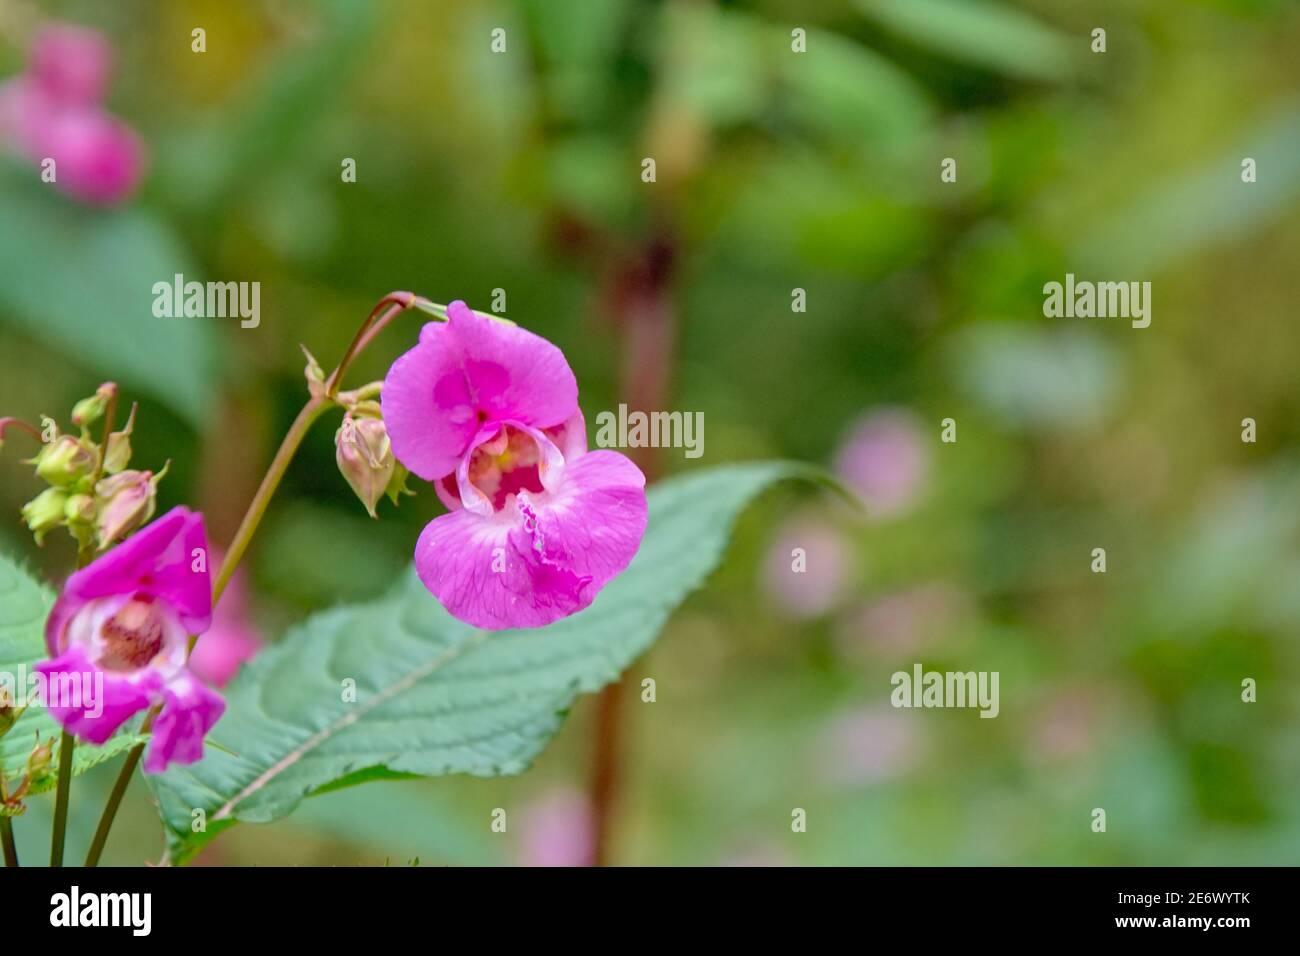 Fleur de Balsam himalayan rose vif - Impatiens glandulifera Banque D'Images